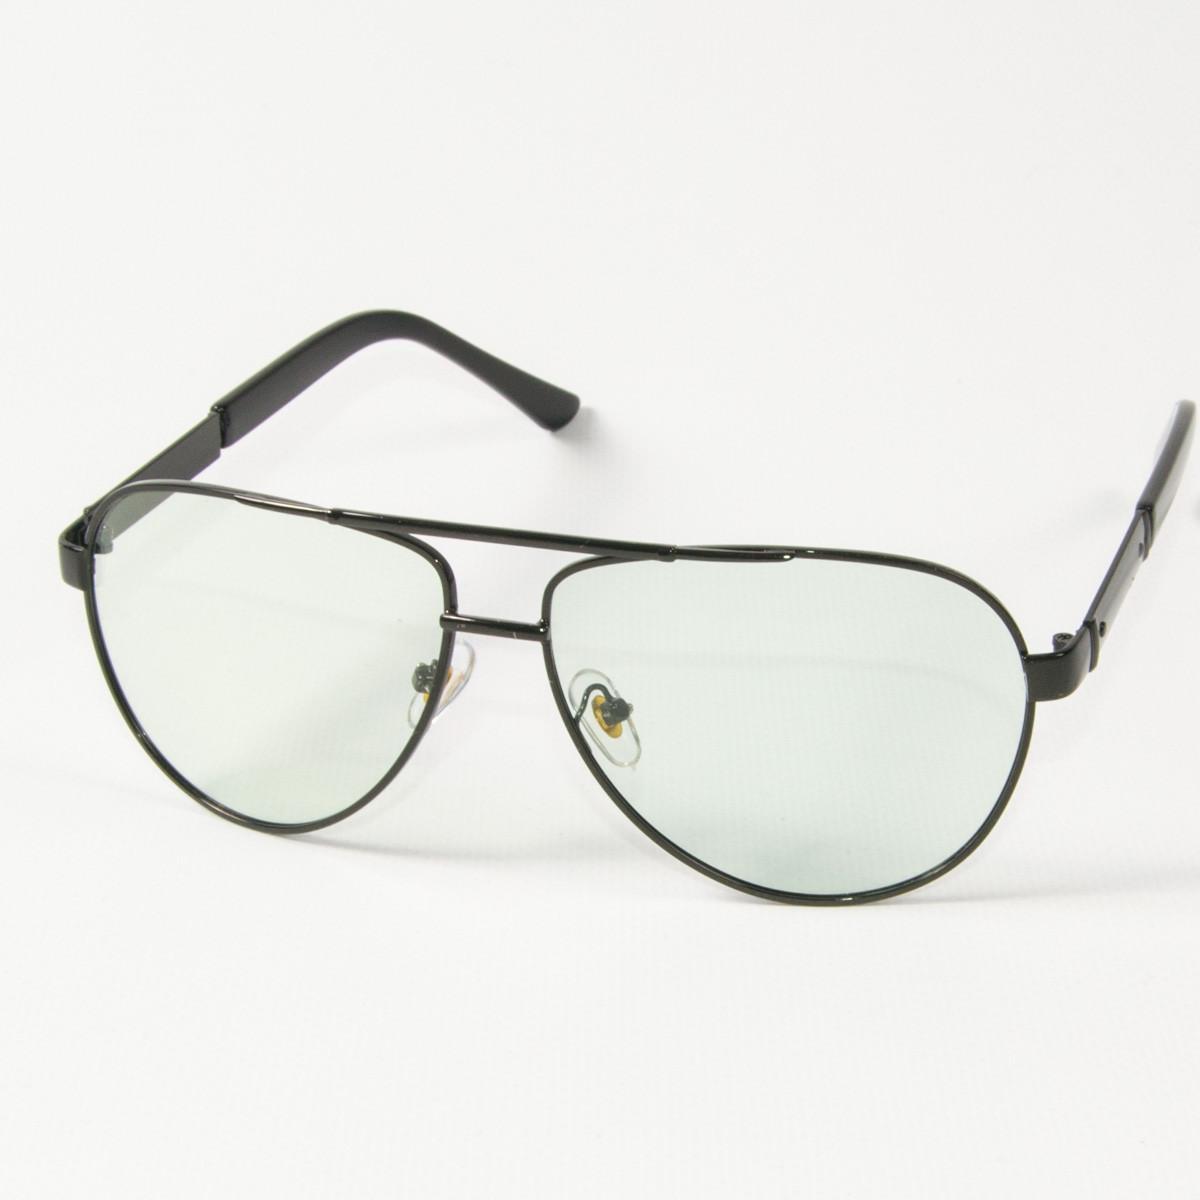 Оптом имиджевые поляризационные очки  (арт. P9108-H/1) с черной оправой